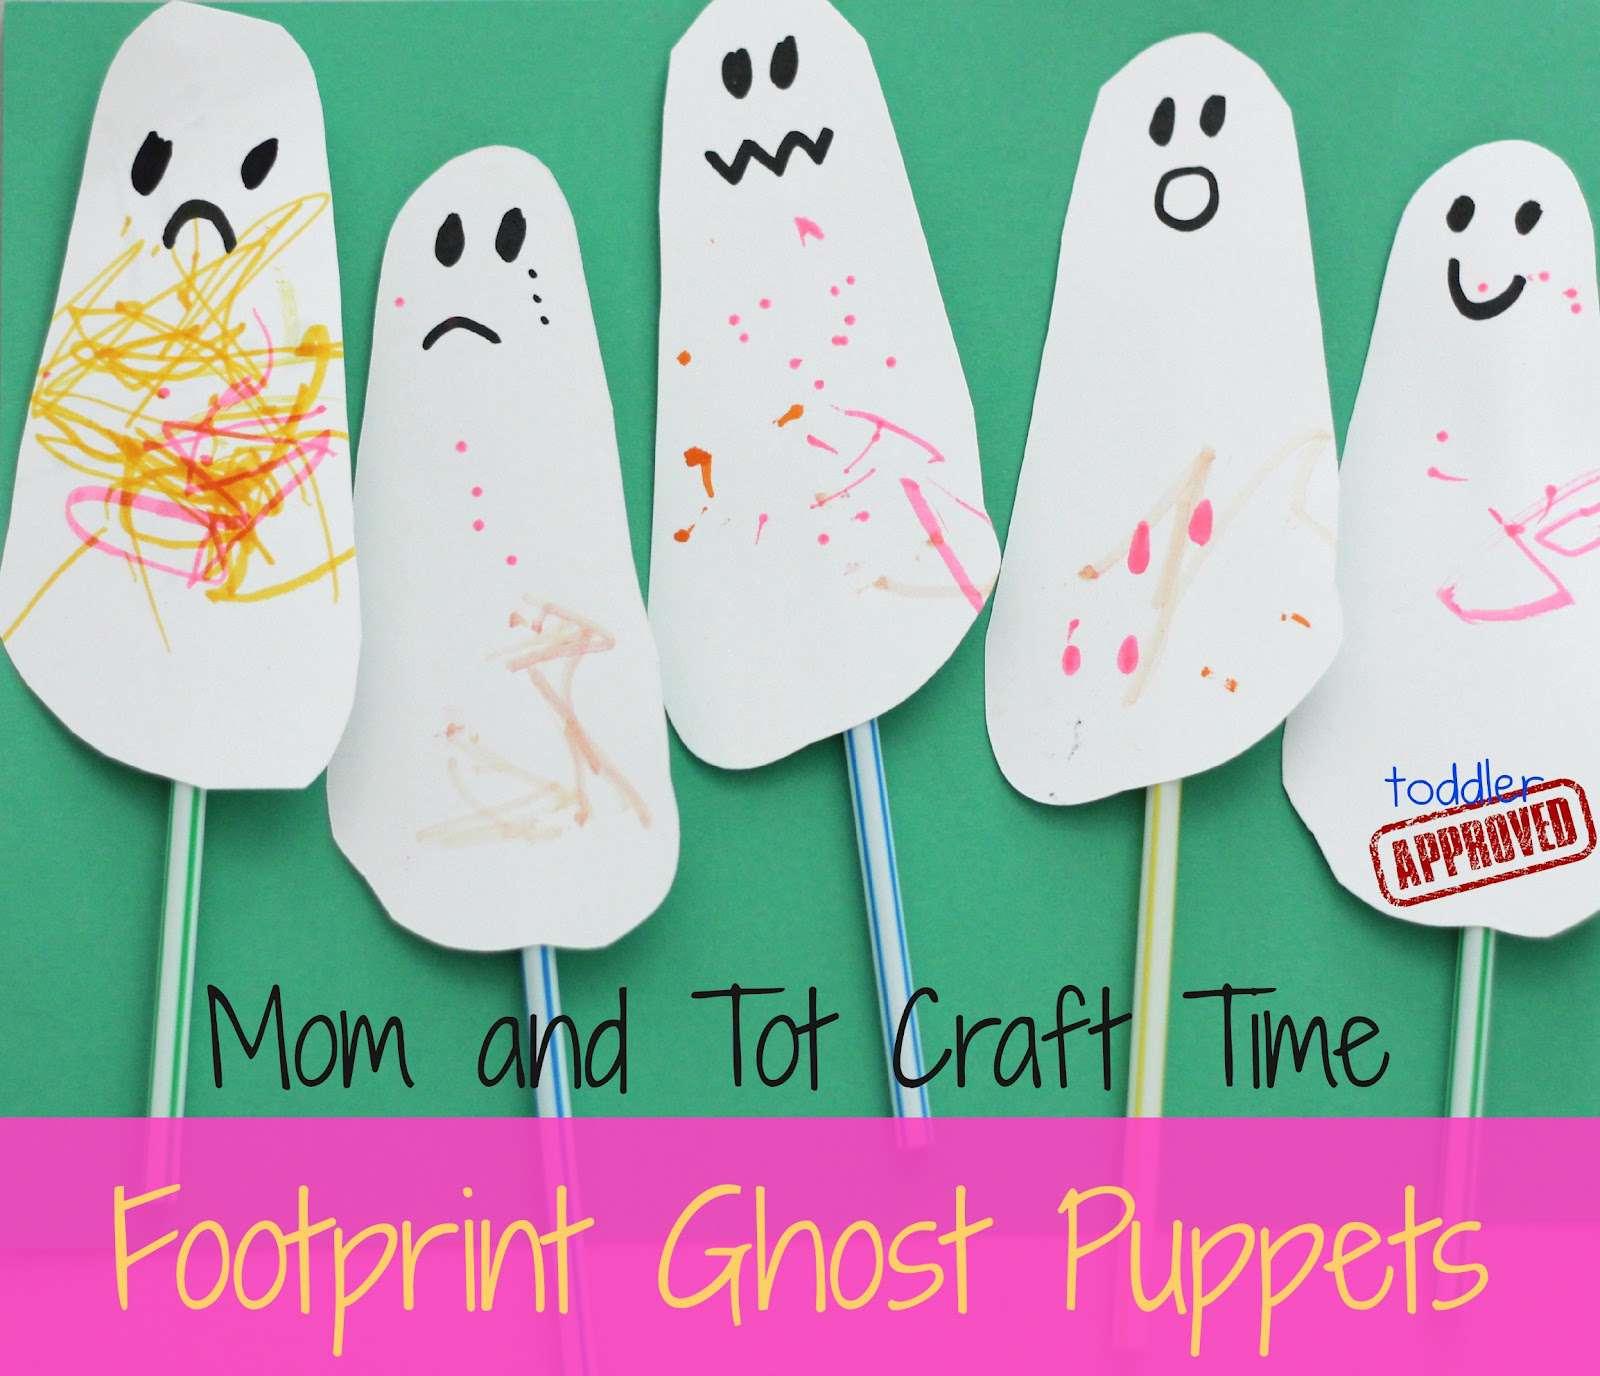 Footprint Ghost Puppet